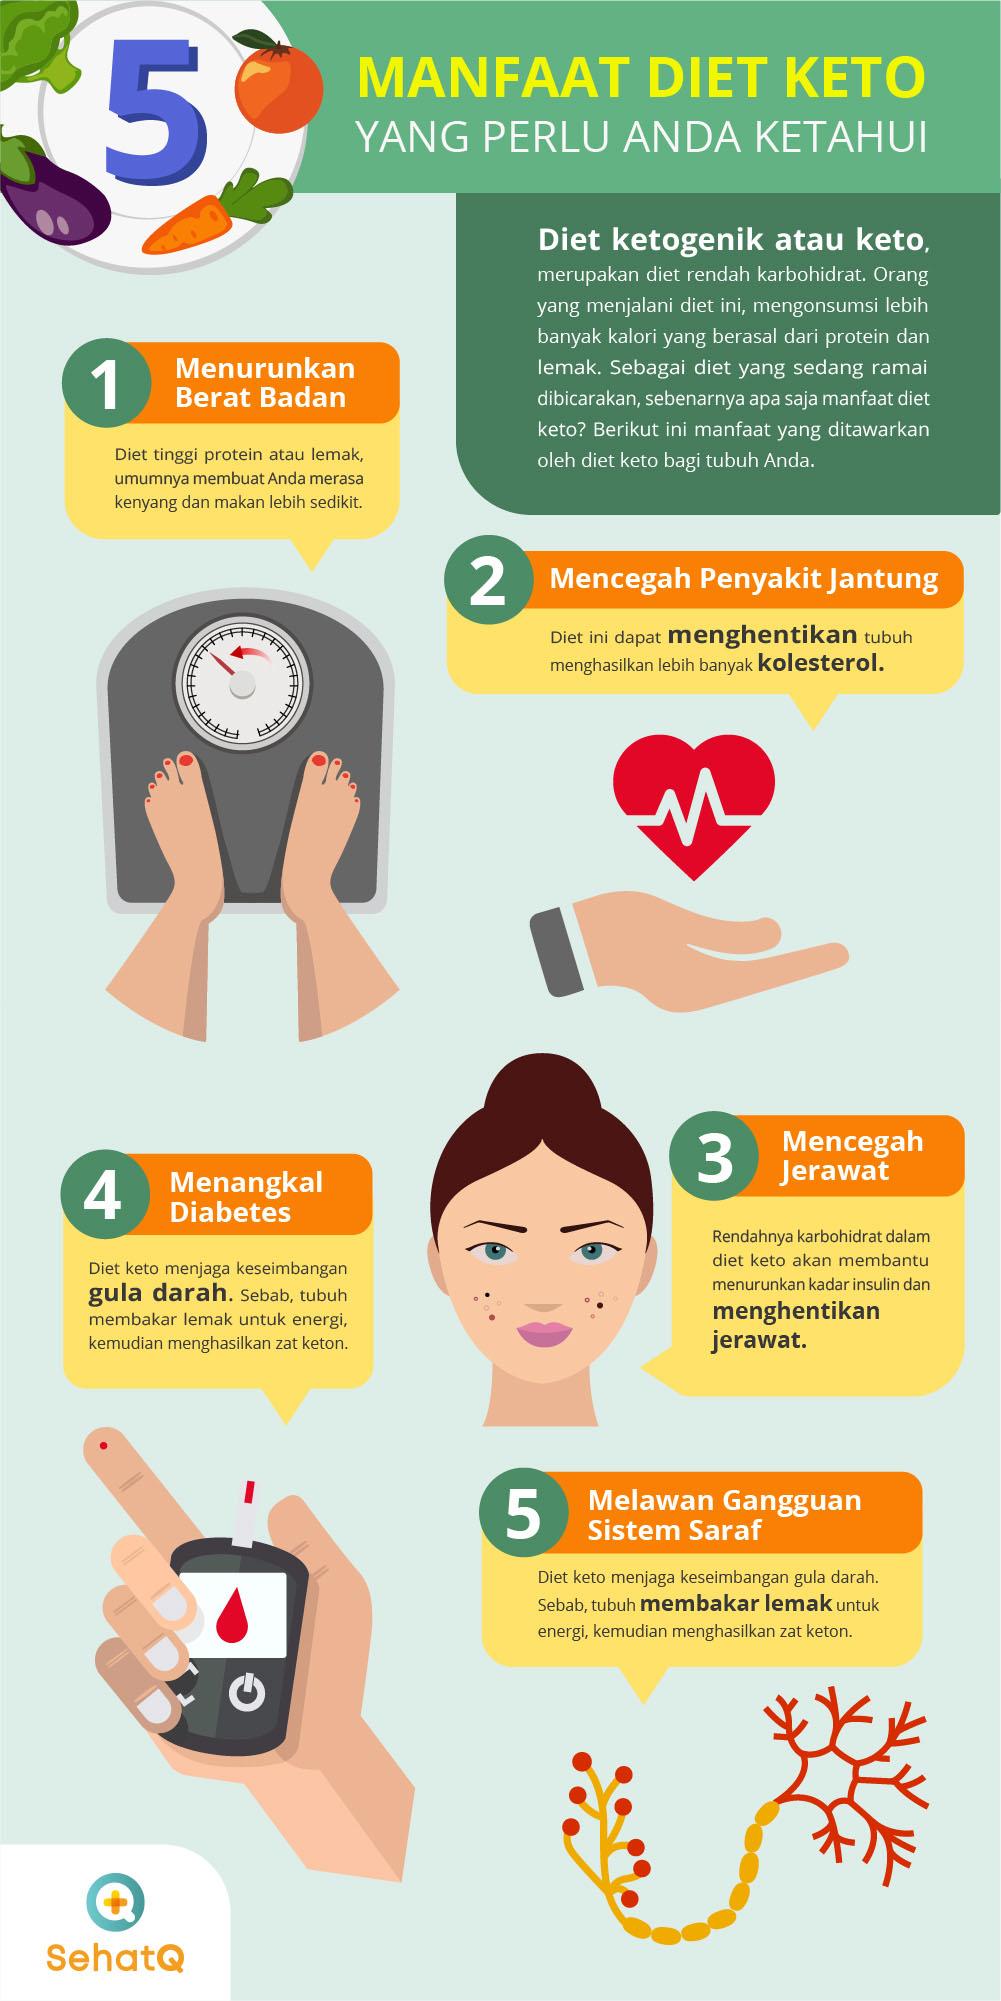 5 manfaat diet keto